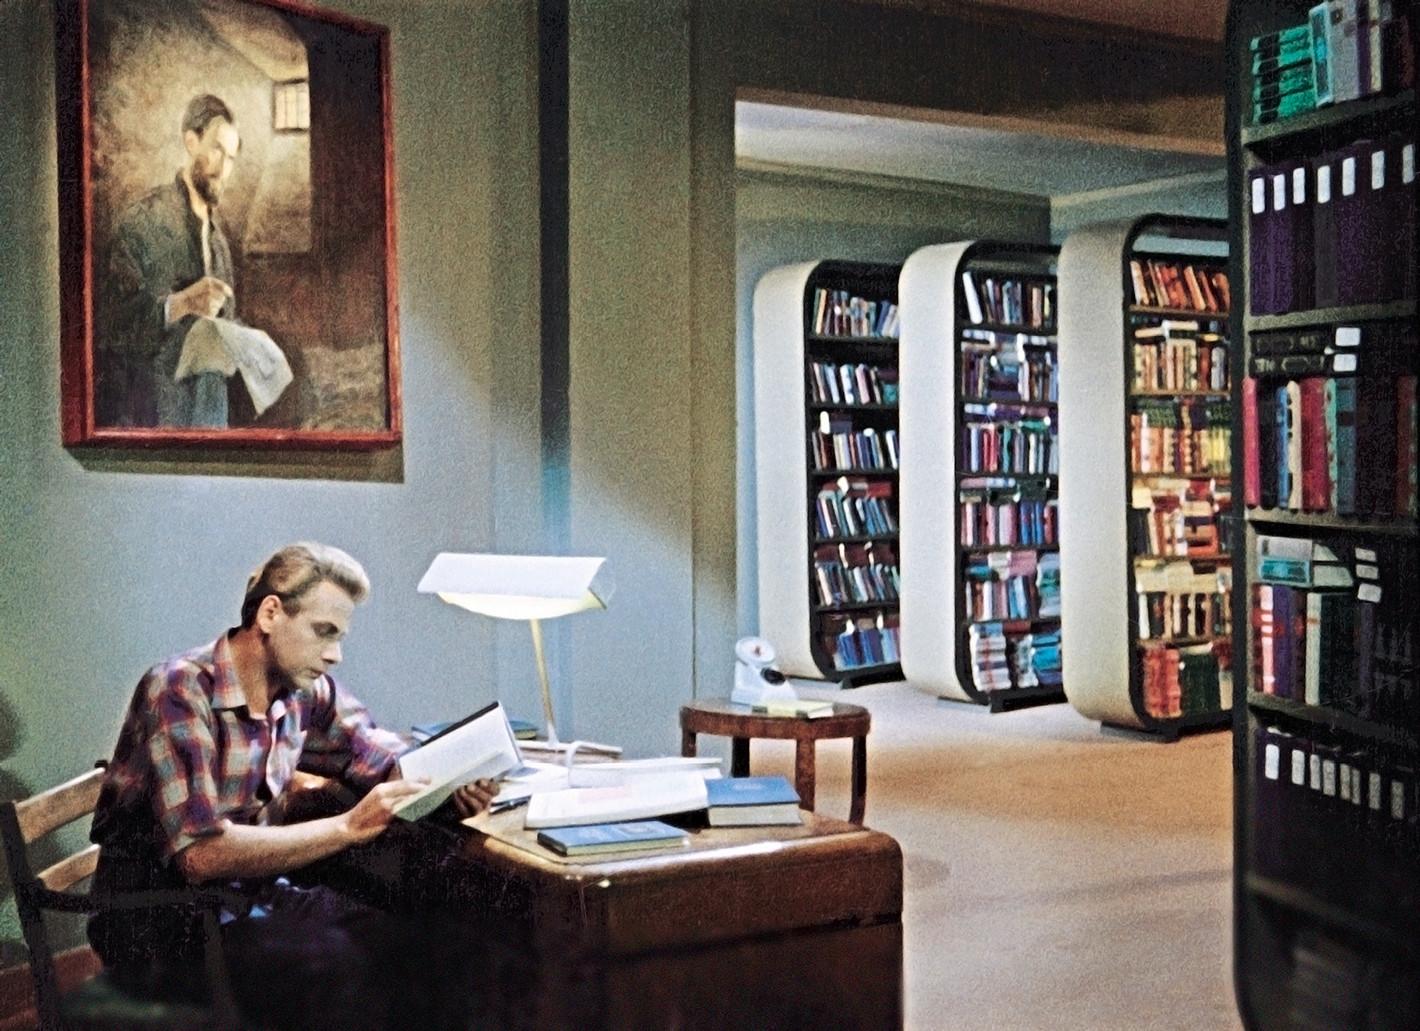 Ada banyak buku di USSR; secara paradoks, cukup sulit untuk mendapatkan yang sebenarnya ingin Anda baca.